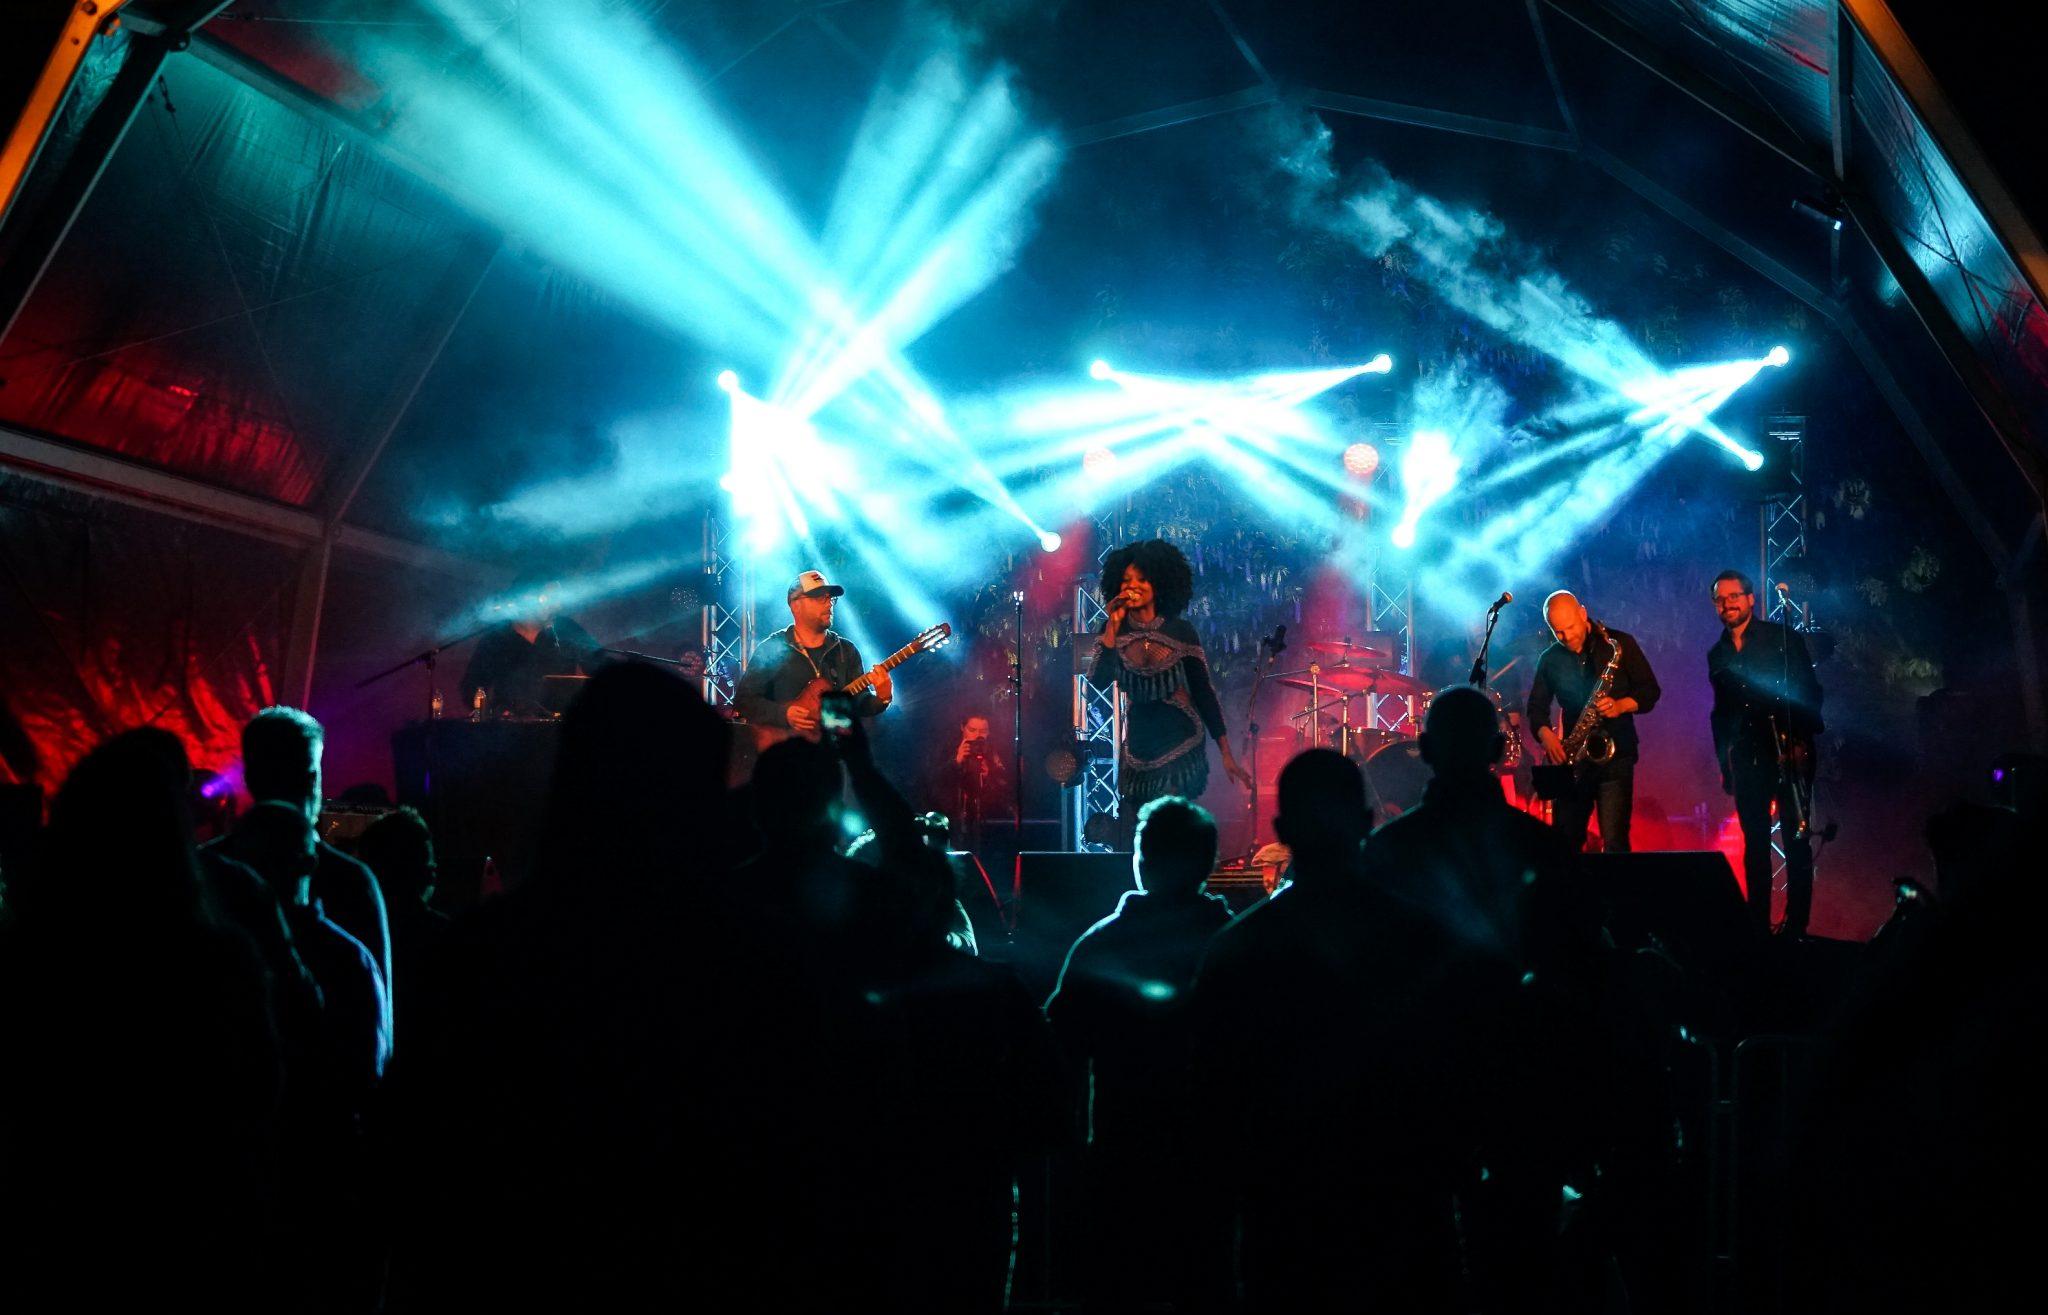 Banda composta por cinco elementos, com a vocalista ao centro, atua à noite, num palco iluminado por luzes azuis.